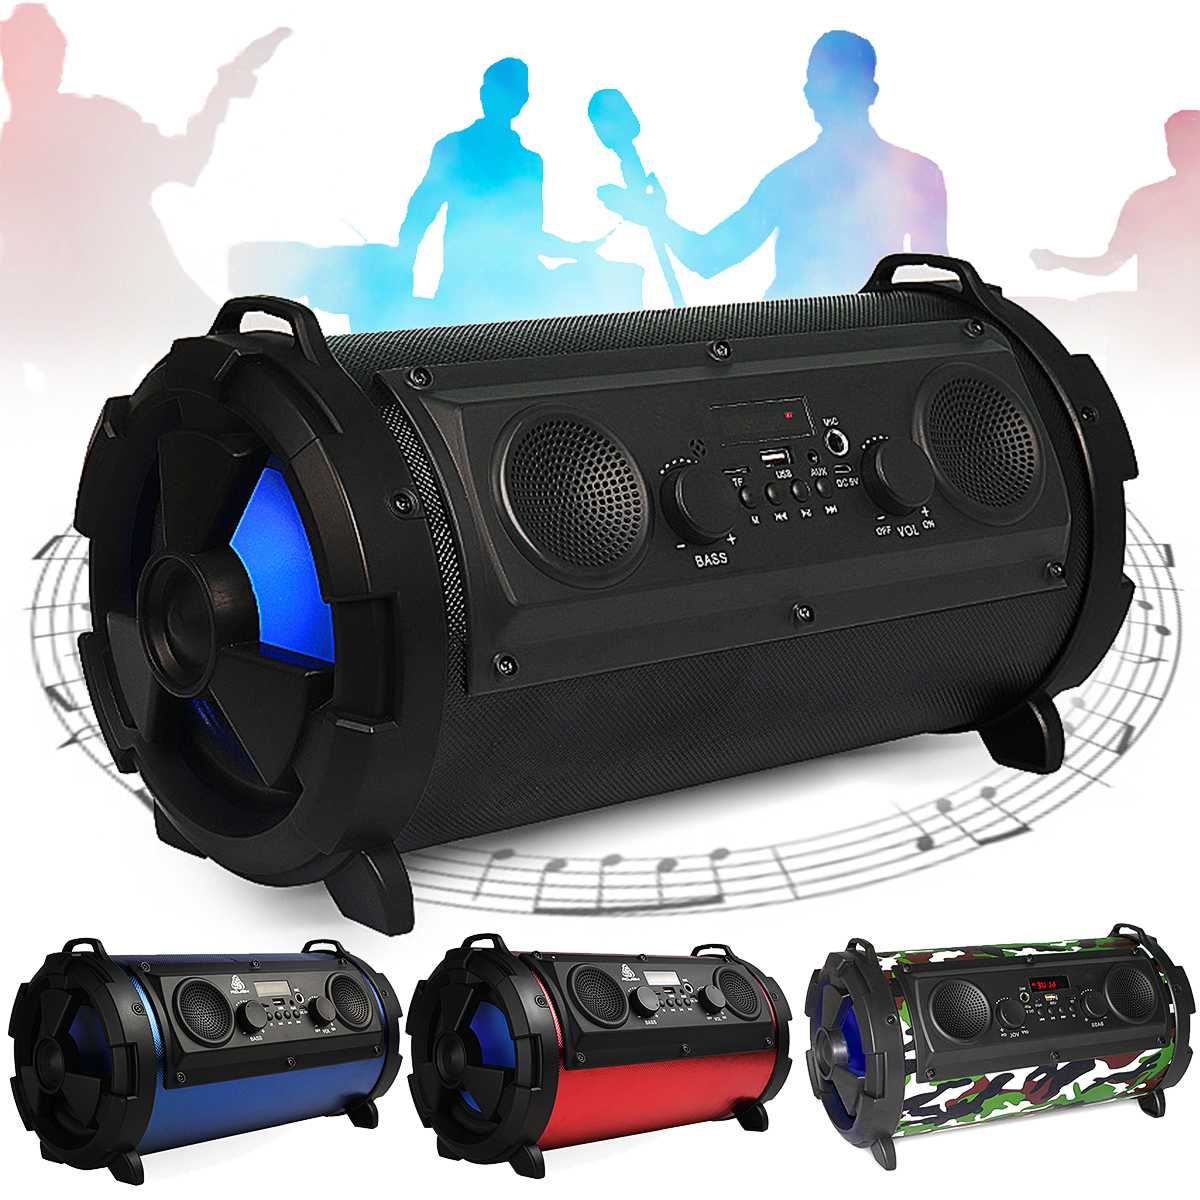 30 W Portable bluetooth haut-parleur haut-parleurs barre de son Subwoofer son stéréo basse lecteur de musique FM Radio AUX TF haut-parleurs extérieurs